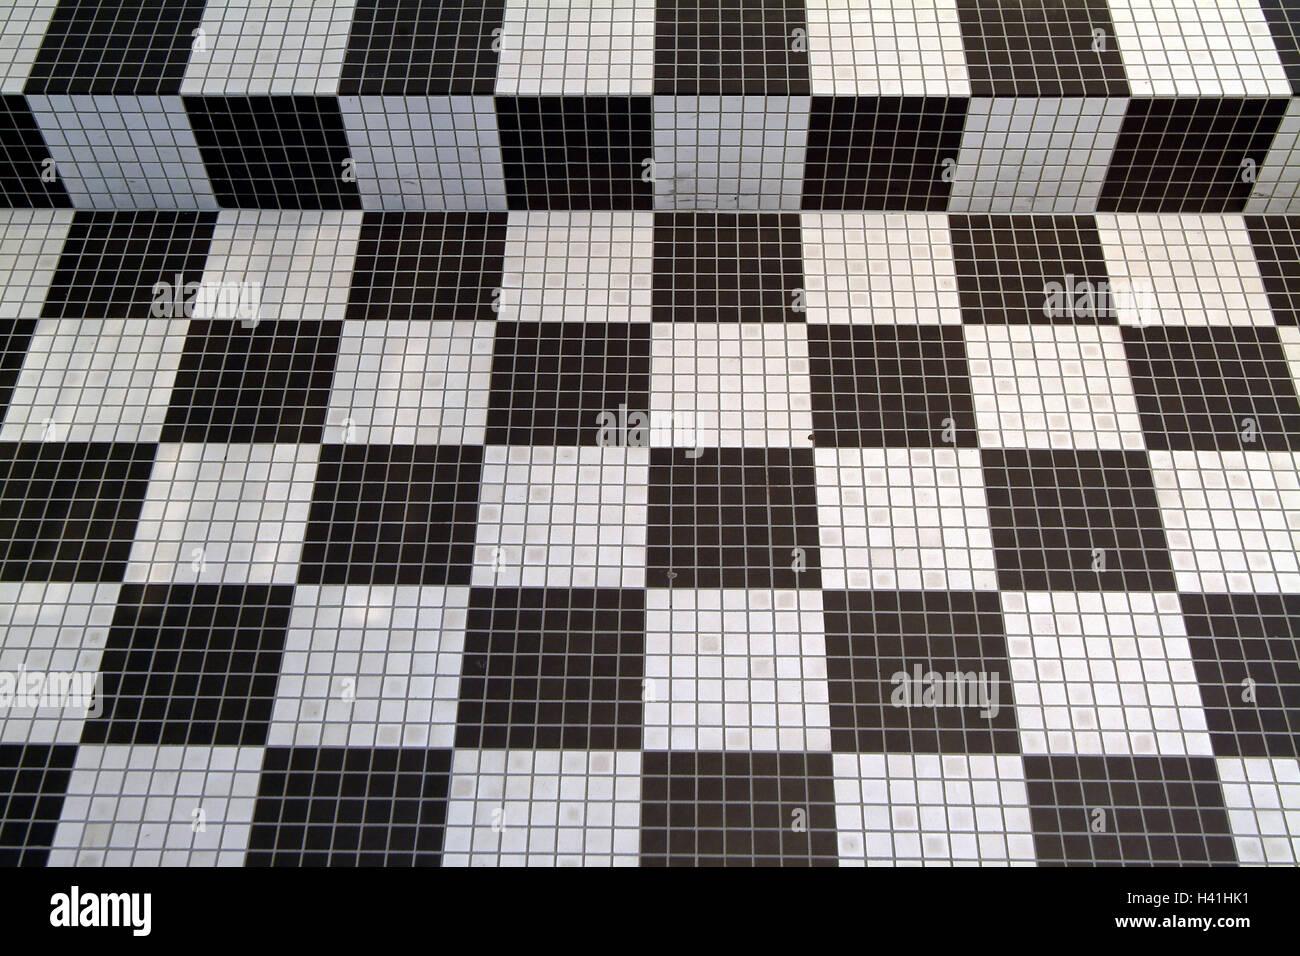 Fußboden Schwarz Weiß ~ Gefliest schwarz weiß detail boden boden treppen gefliest